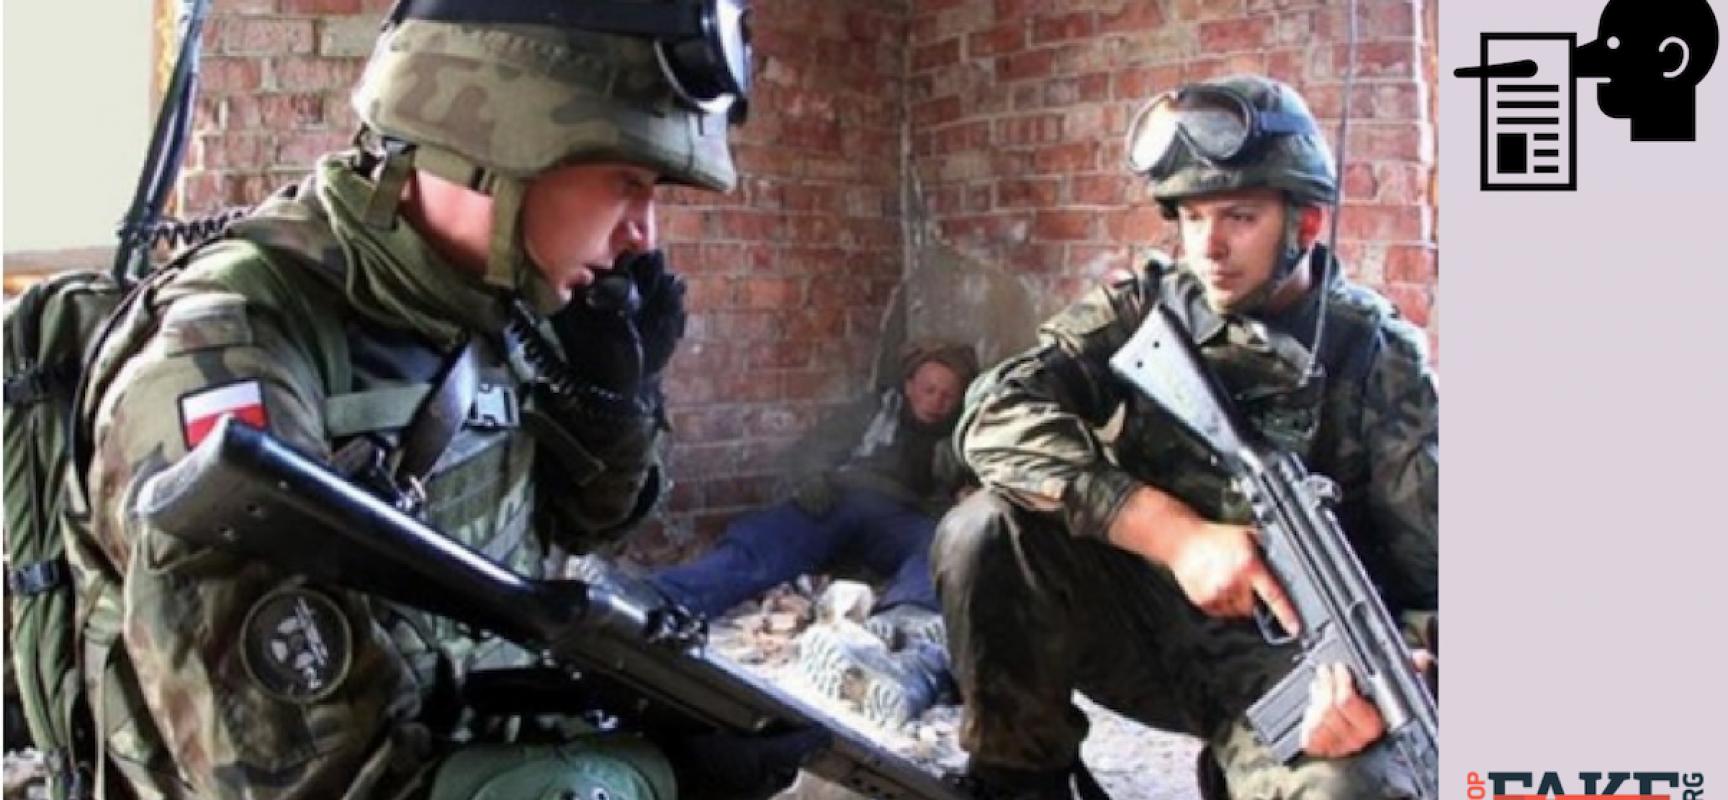 Fake : Soldati polacchi della NATO combattono in Donbas insieme all'esercito ucraino